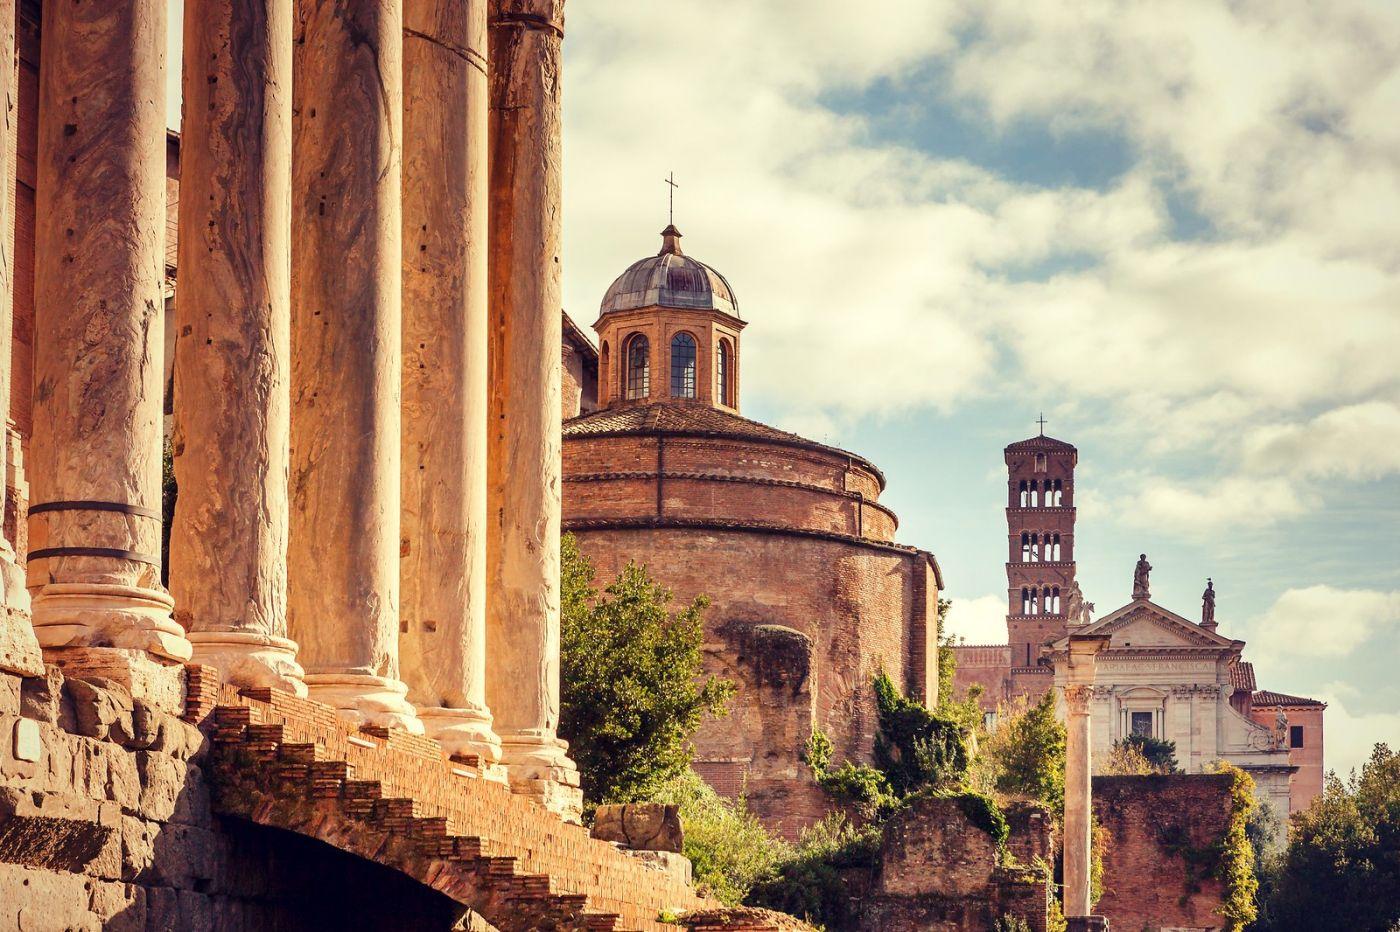 意大利罗马论坛,很敬佩_图1-40